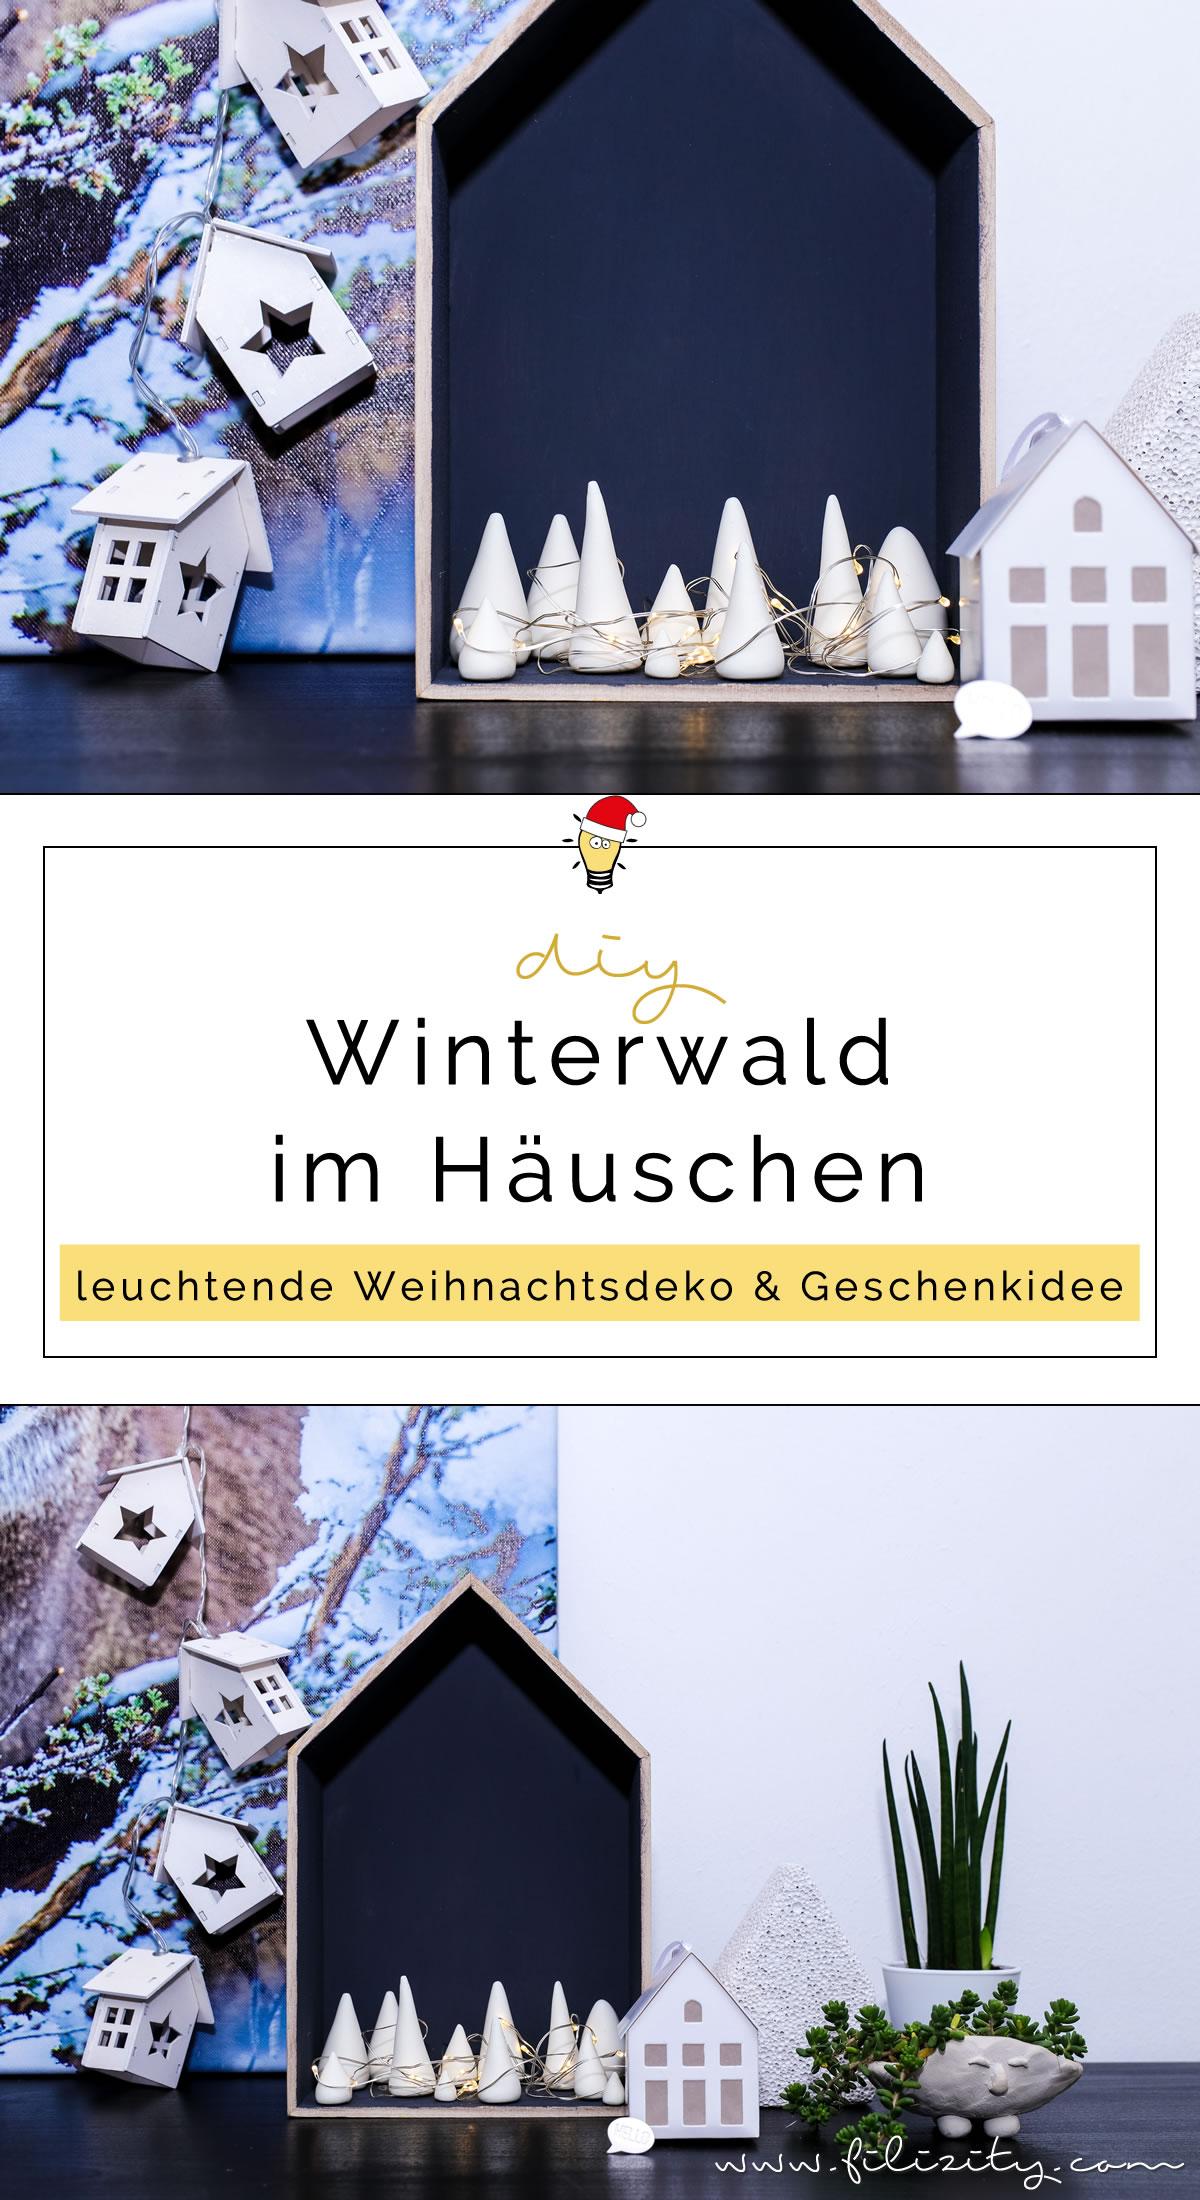 DIY Weihnachtsdeko & Geschenkidee: Leuchtenden Winterwald aus Kaltporzellan oder Fimo selber machen - So geht's | Filizity.com | DIY-Blog aus dem Rheinland #kaltporzellan #fimo #weihnachten #weihnachtdeko #weihnachtsgeschenke #geschenkideen